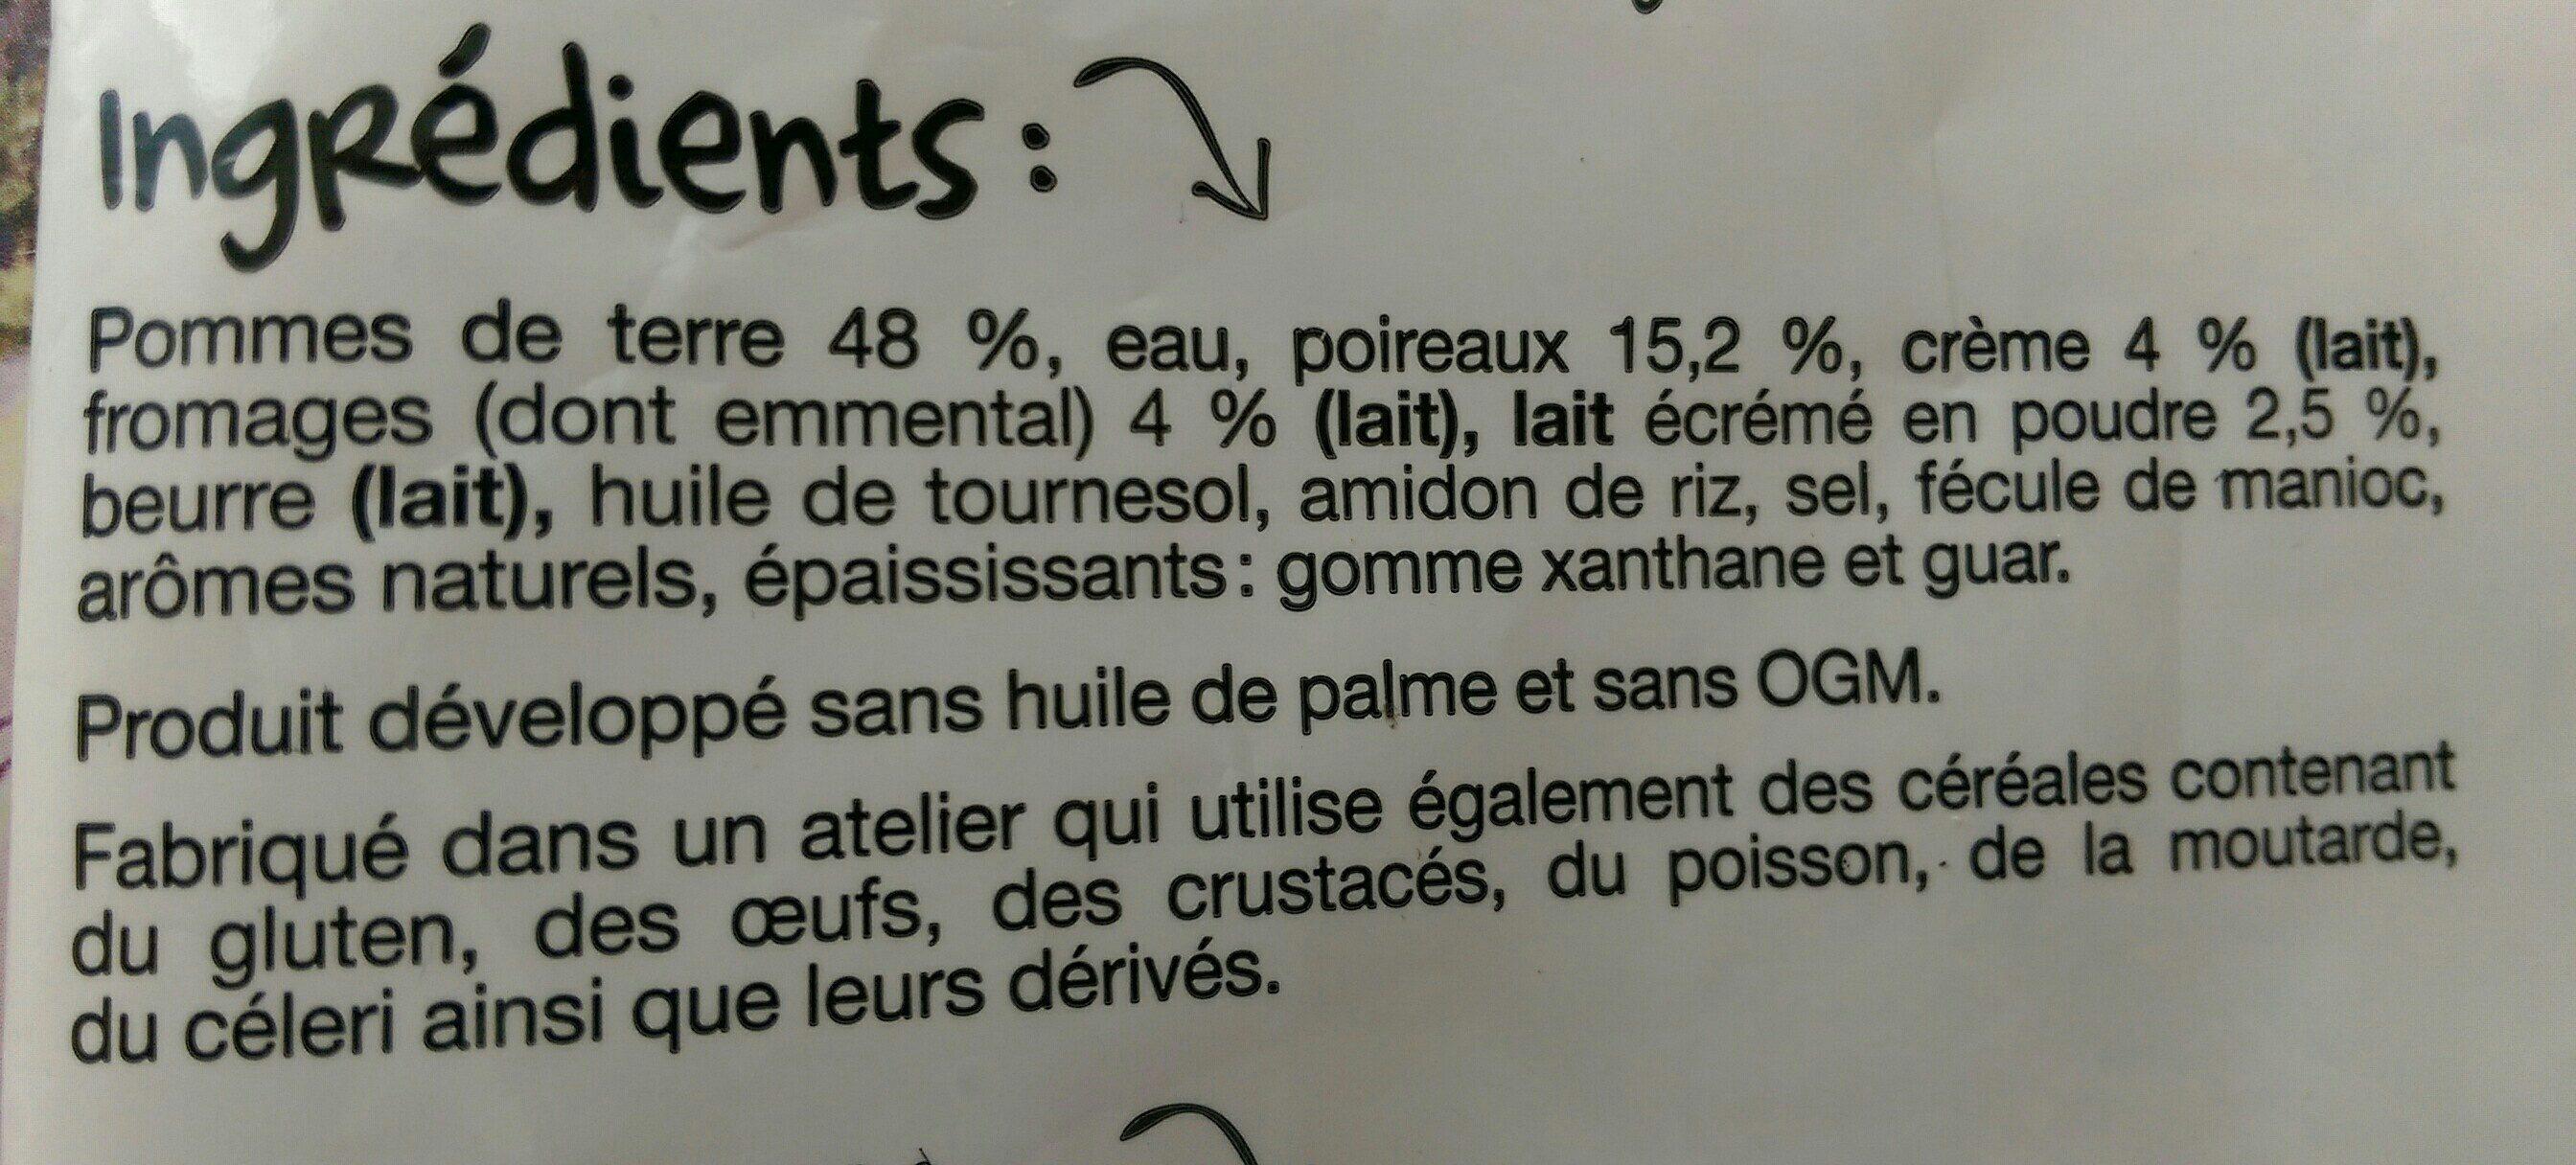 Gratin de poireau et pomme de terre PAYSAN BRETON - Ingrédients - fr